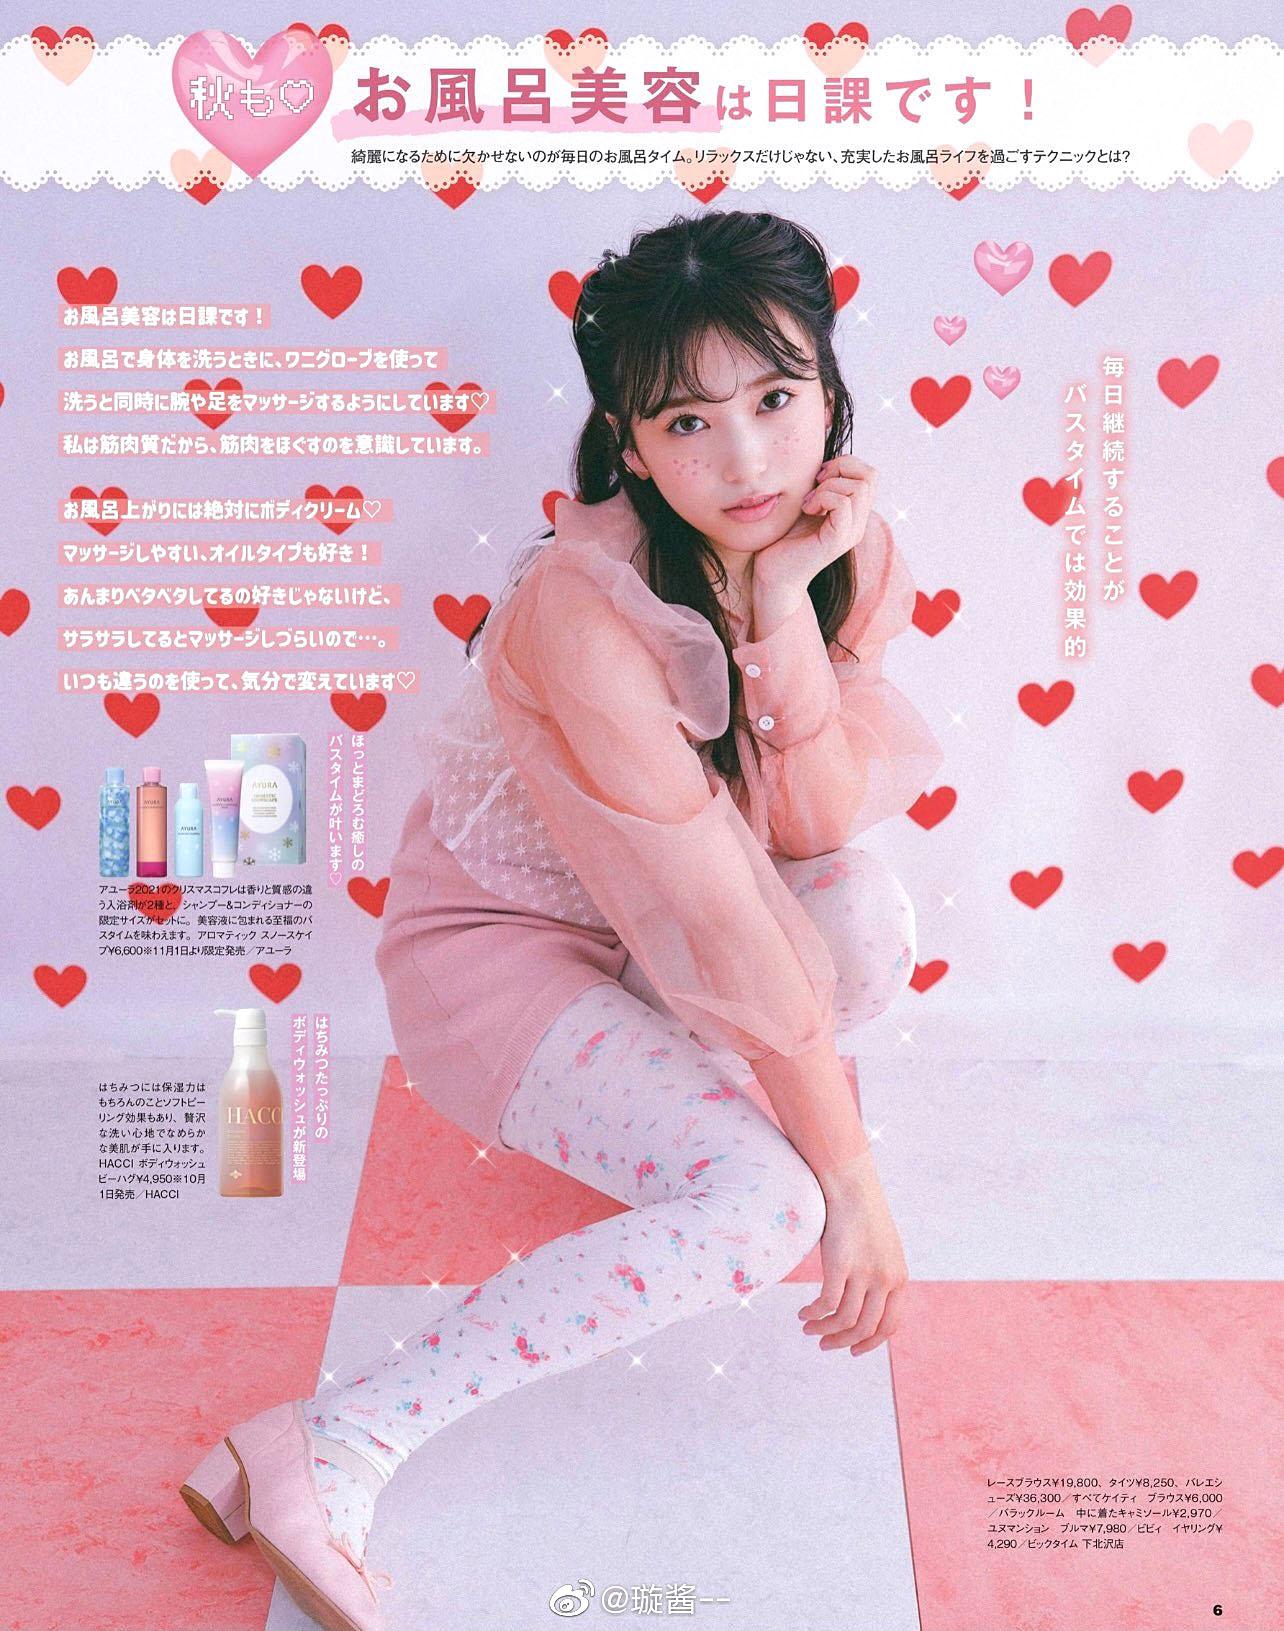 Nako Yabuki HKT48 Larme 50 2021 03.jpg